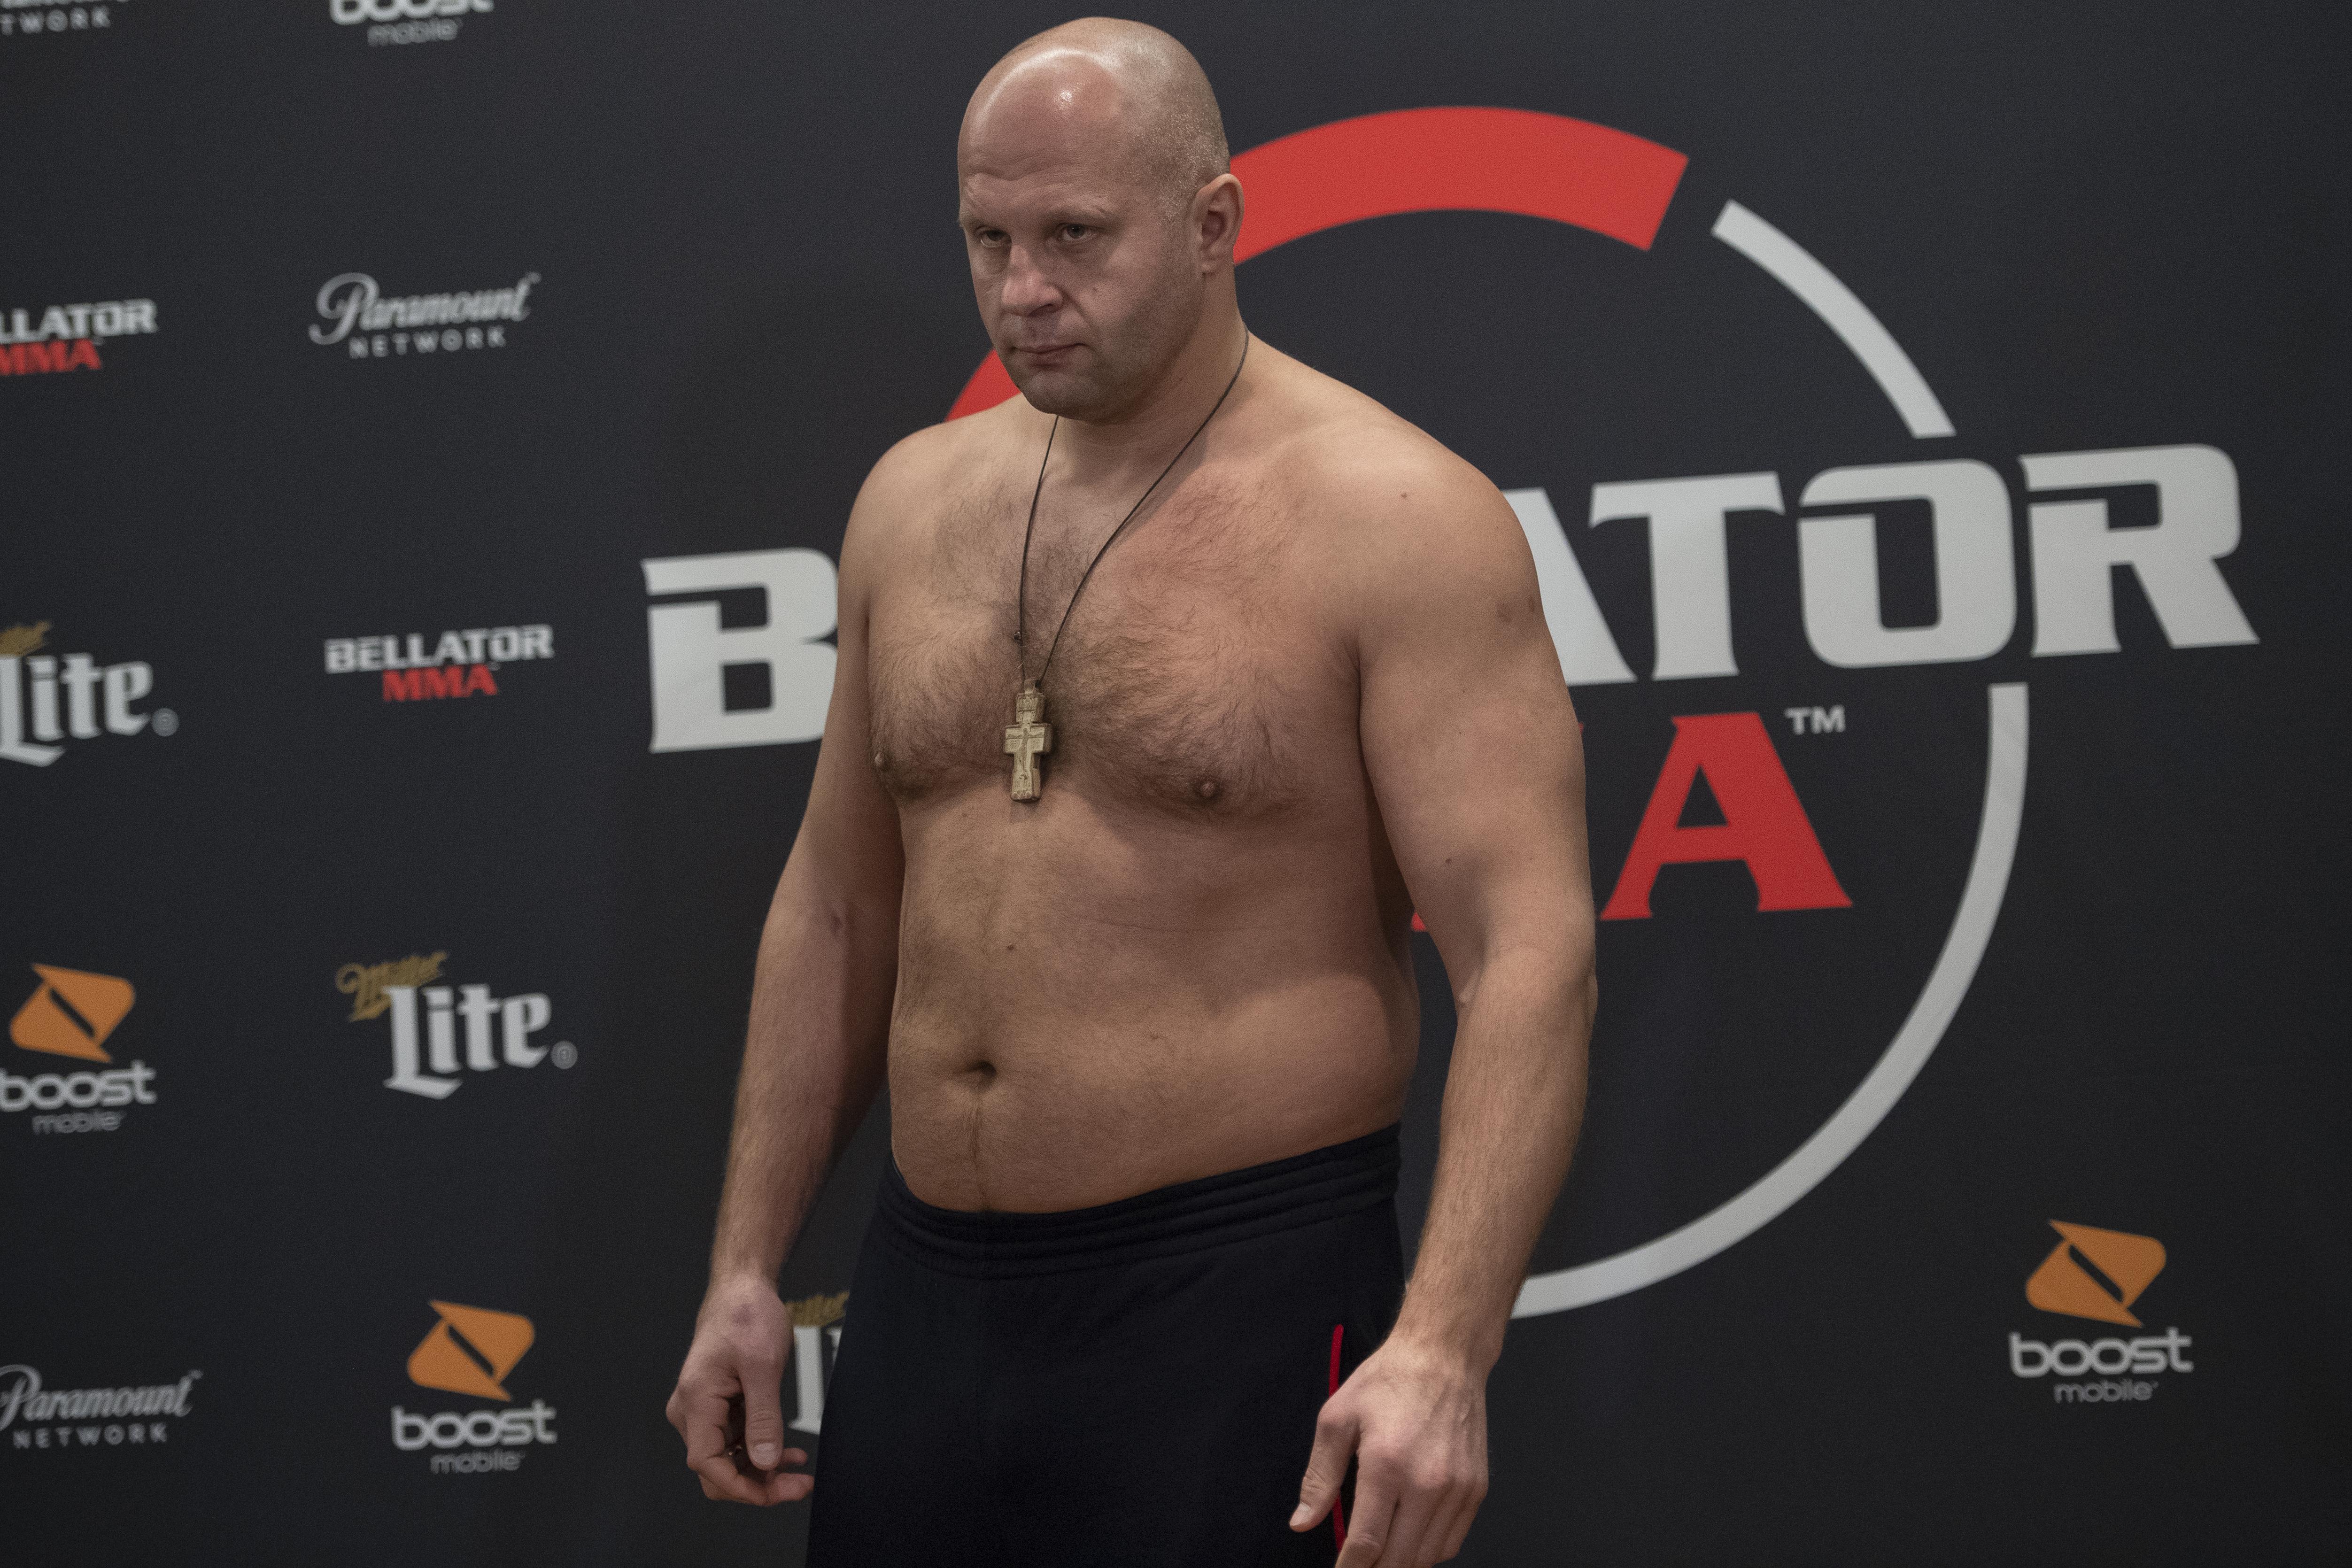 Bellator 214 official weigh-ins